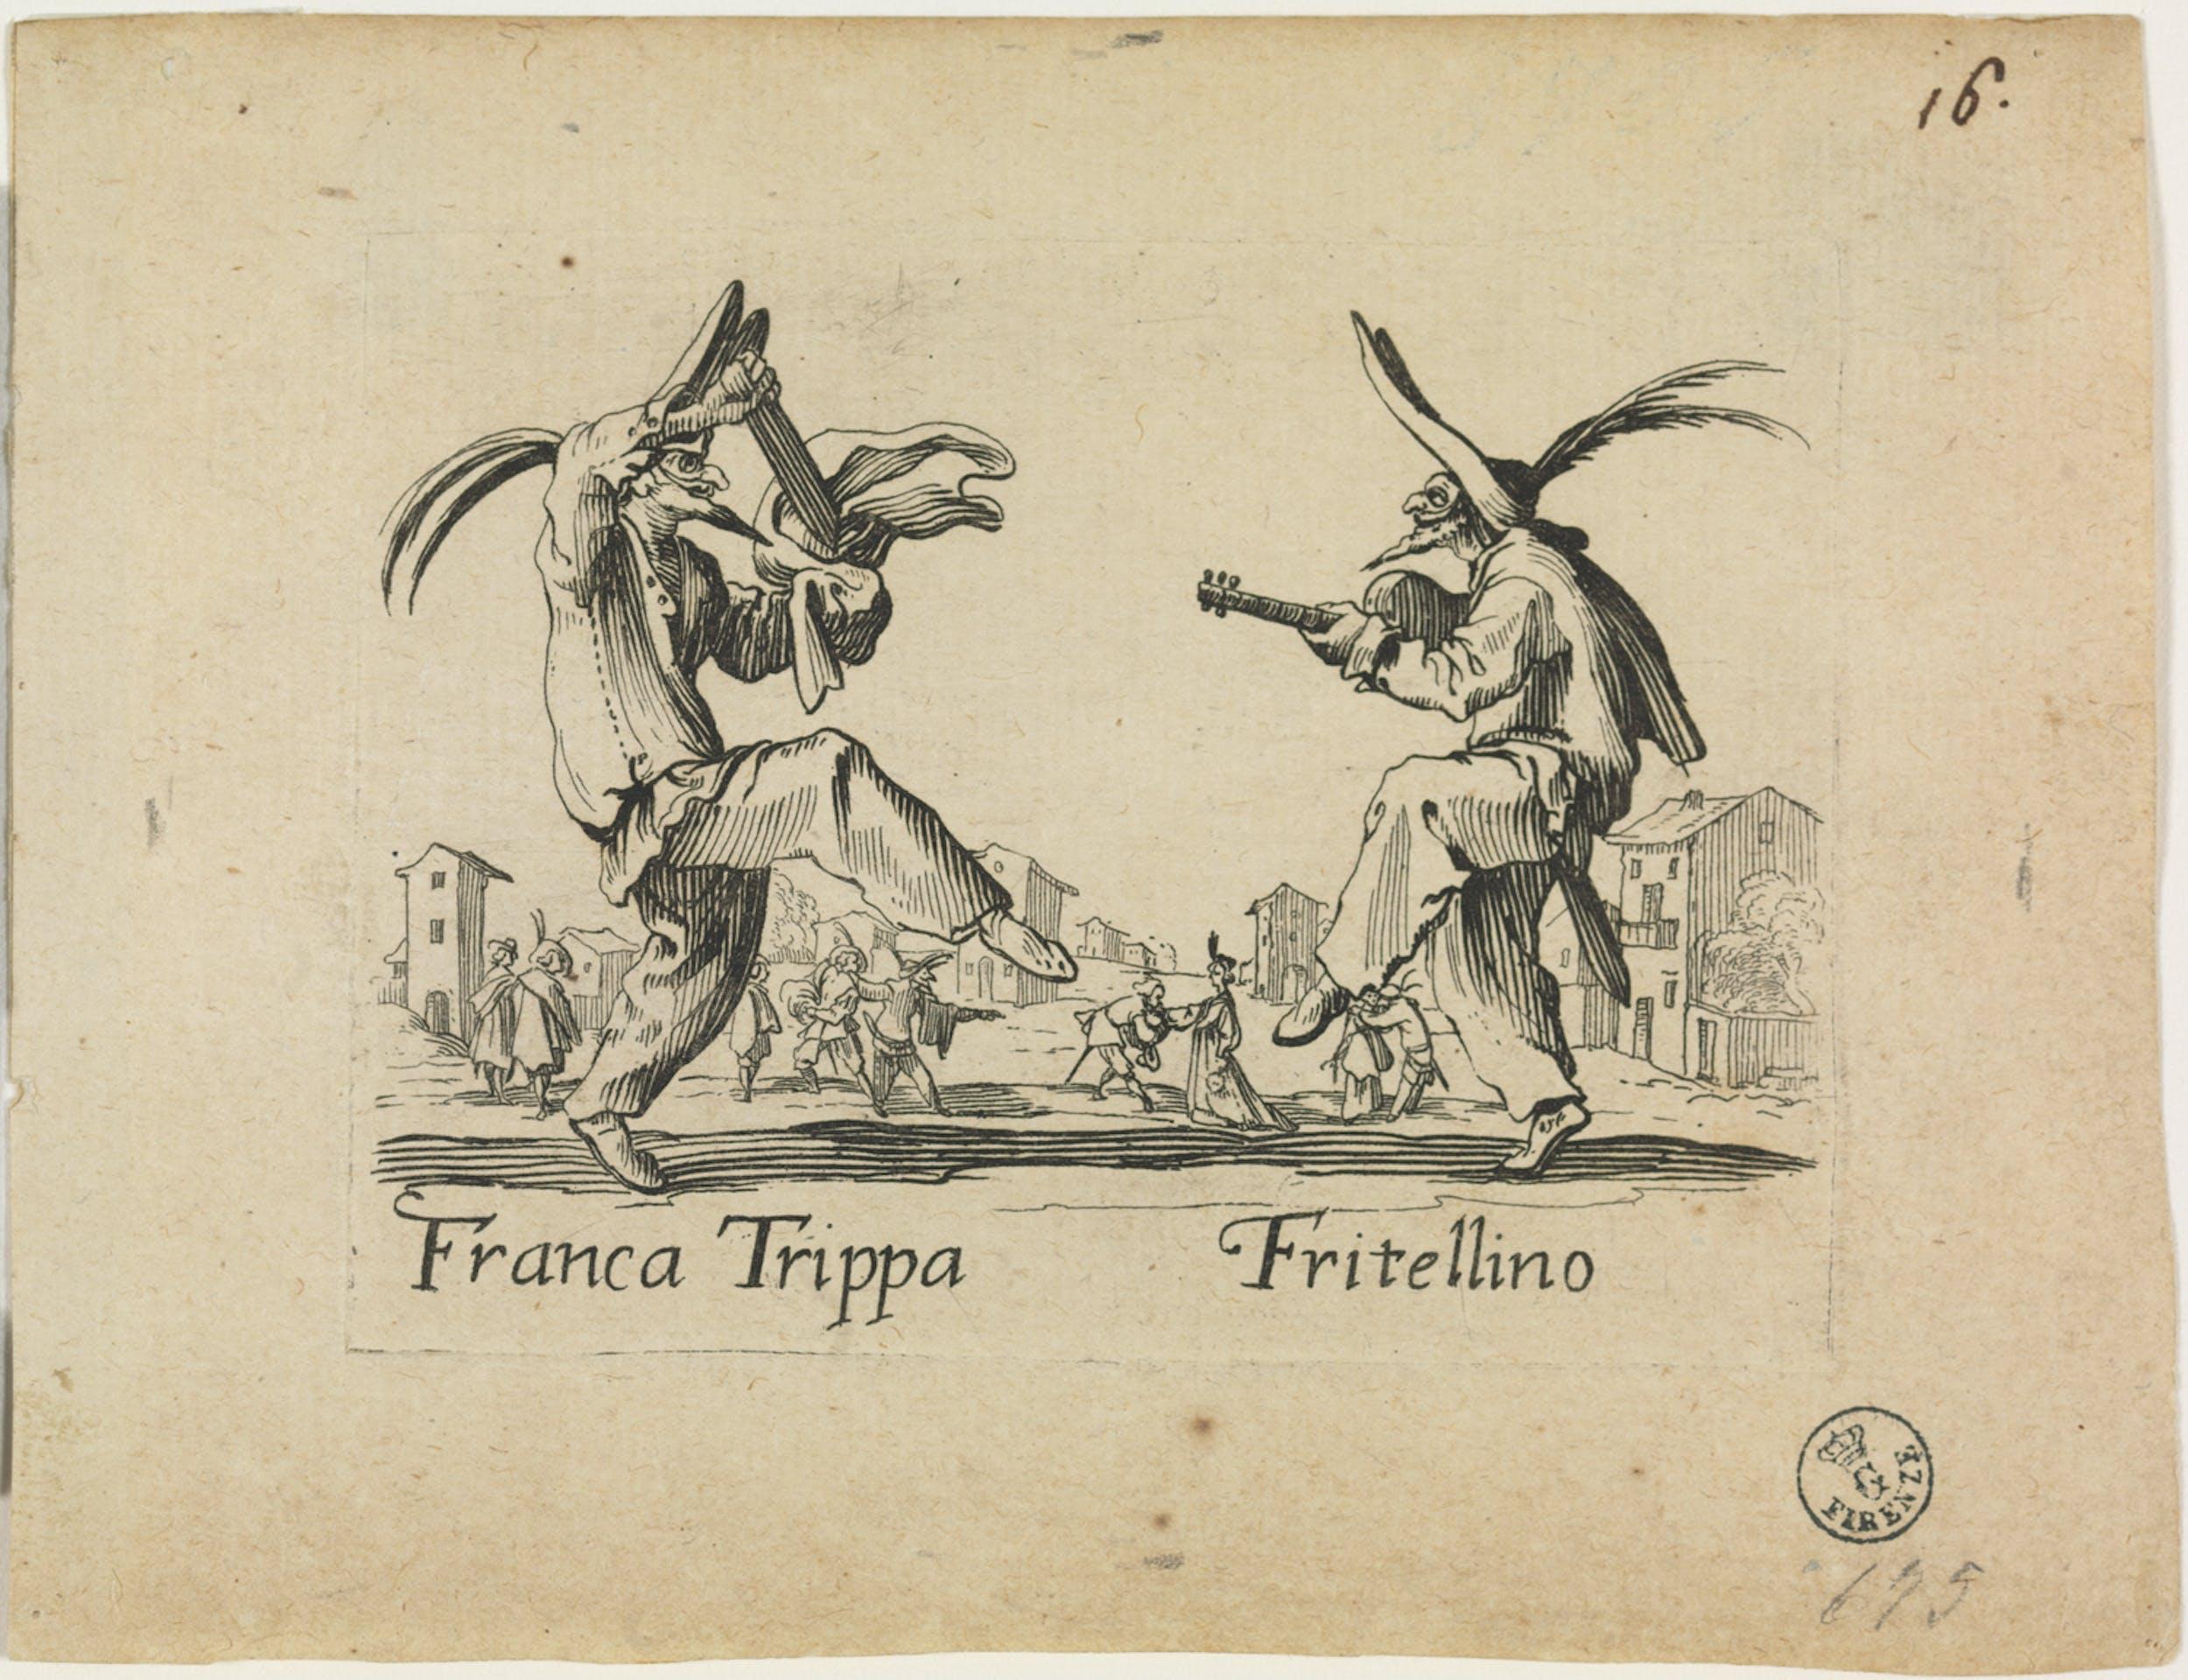 Fig. 12 Jacques Callot (Nancy 1592-1635) Franca Trippa e Fritellino Tavola della serie di 24 acqueforti dei Balli di Sfessania  1621-1622 acquaforte Gabinetto Disegni e Stampe, Gallerie degli Uffizi, Firenze